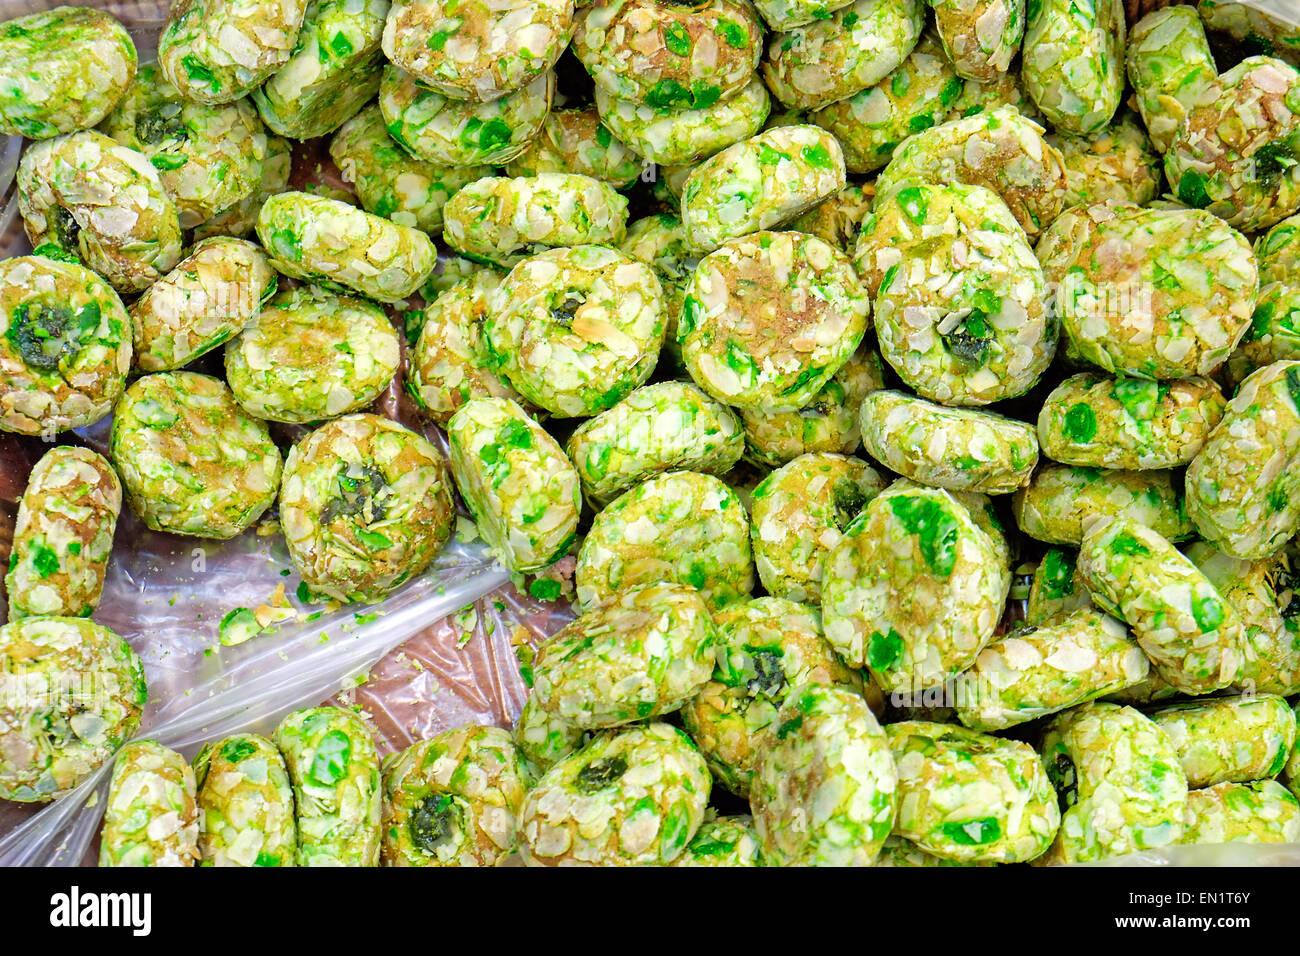 Algunos verdes para la venta de pastelería italiana en una panadería Imagen De Stock